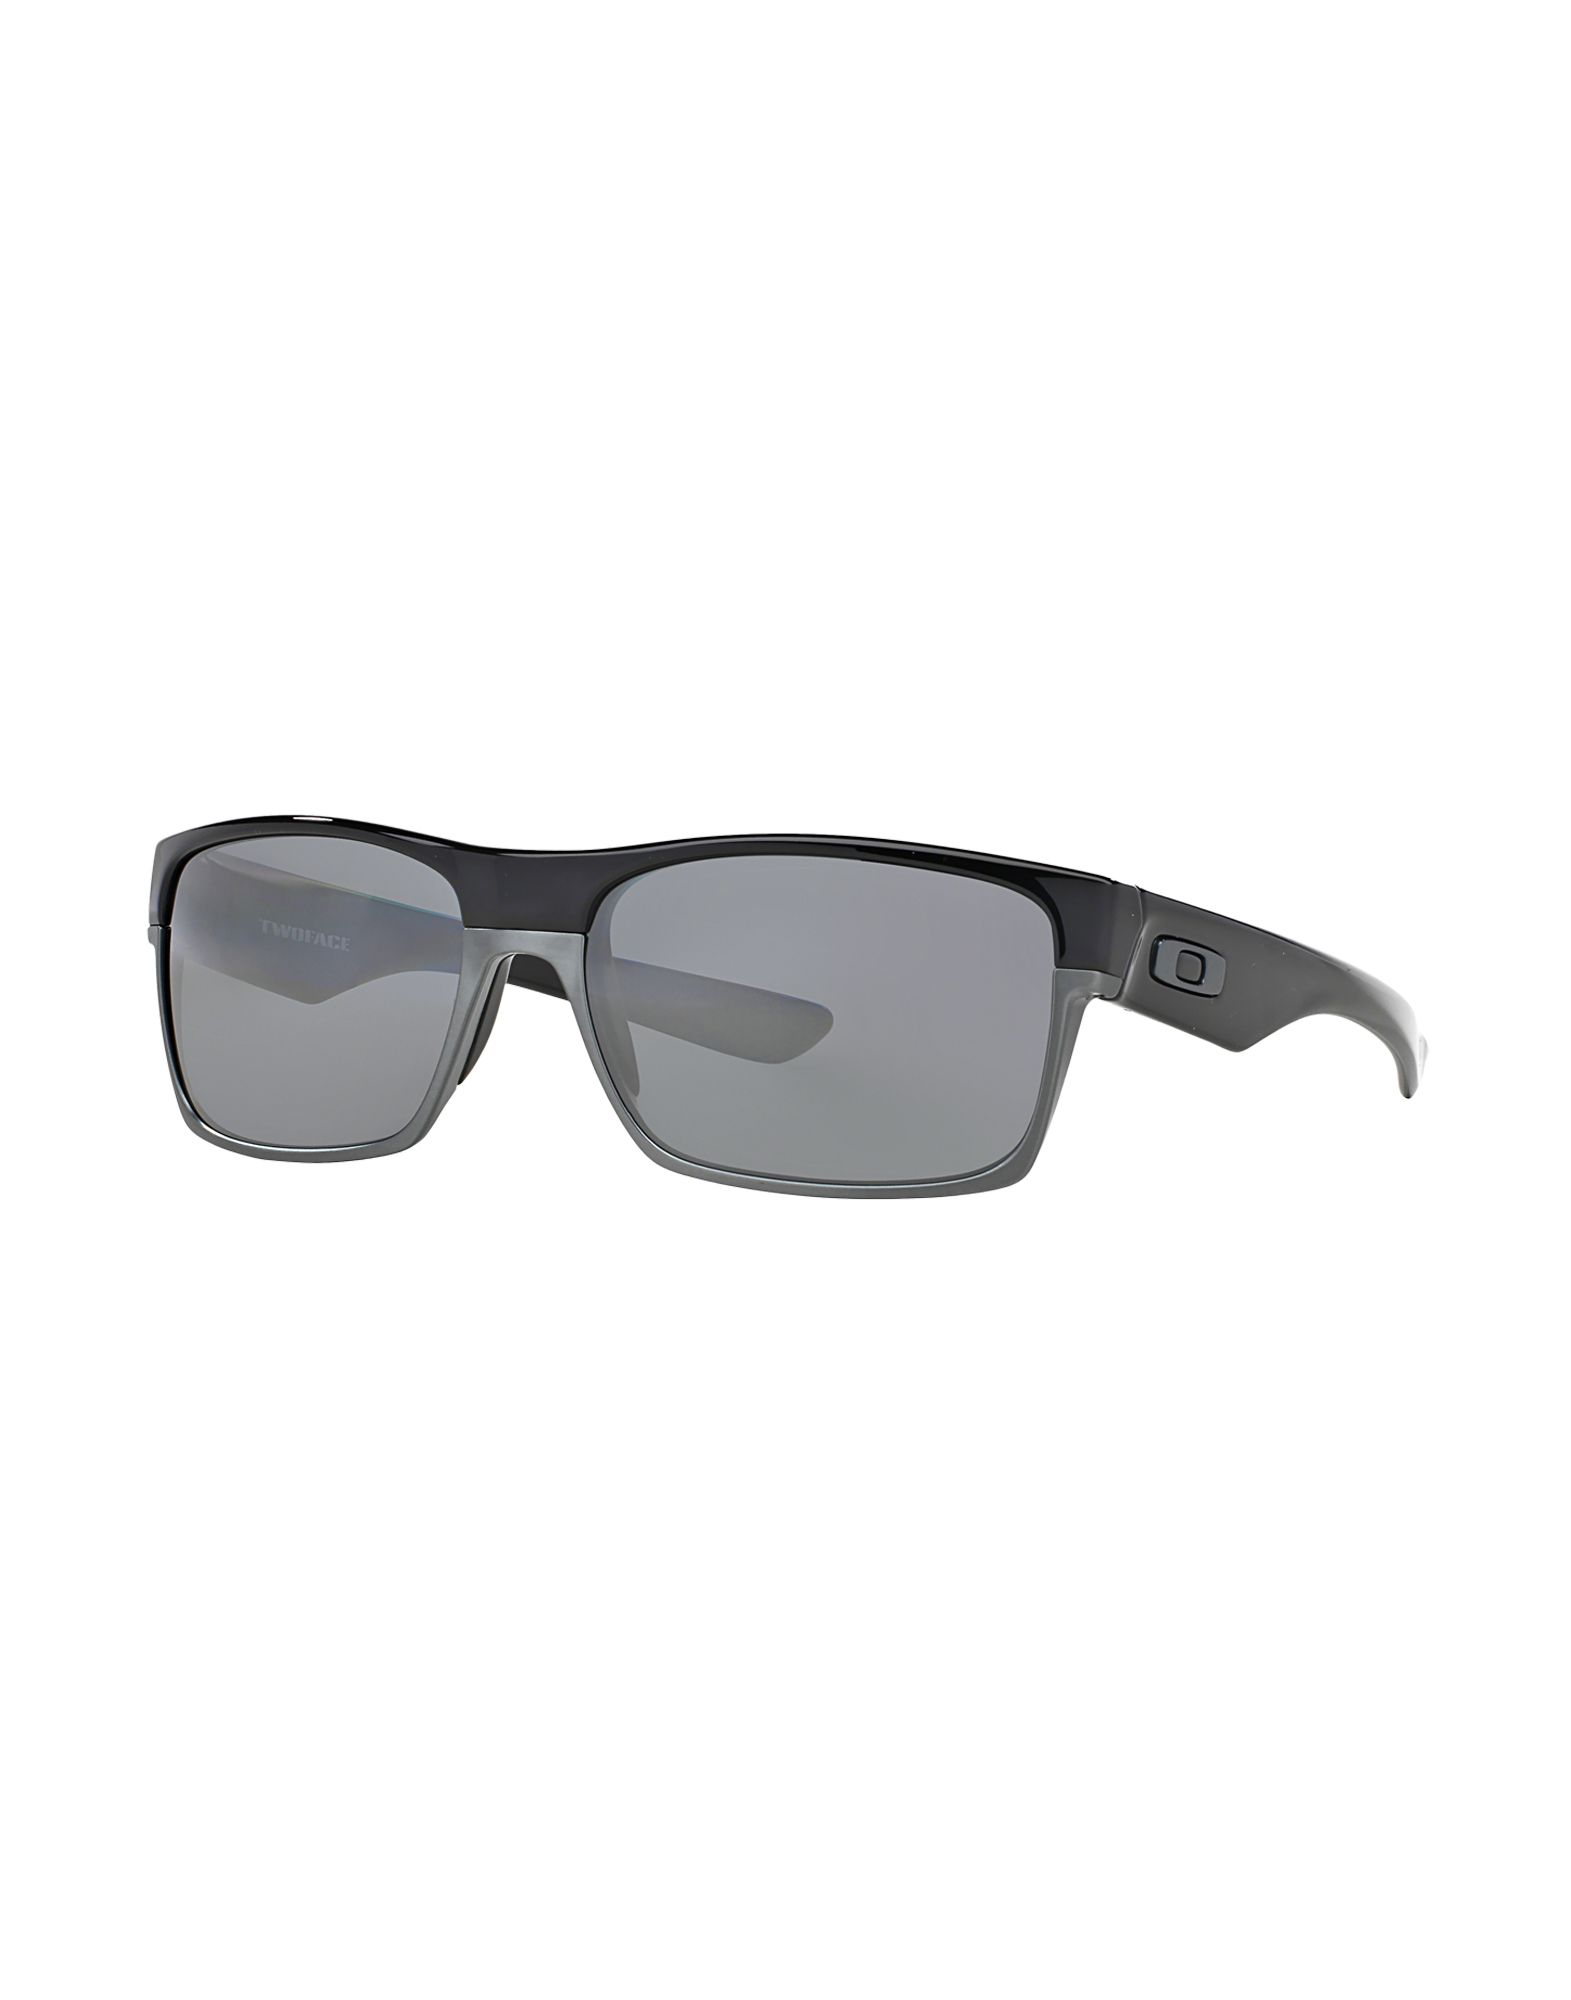 OAKLEY Herren Sonnenbrille Farbe Schwarz Größe 1 jetztbilligerkaufen